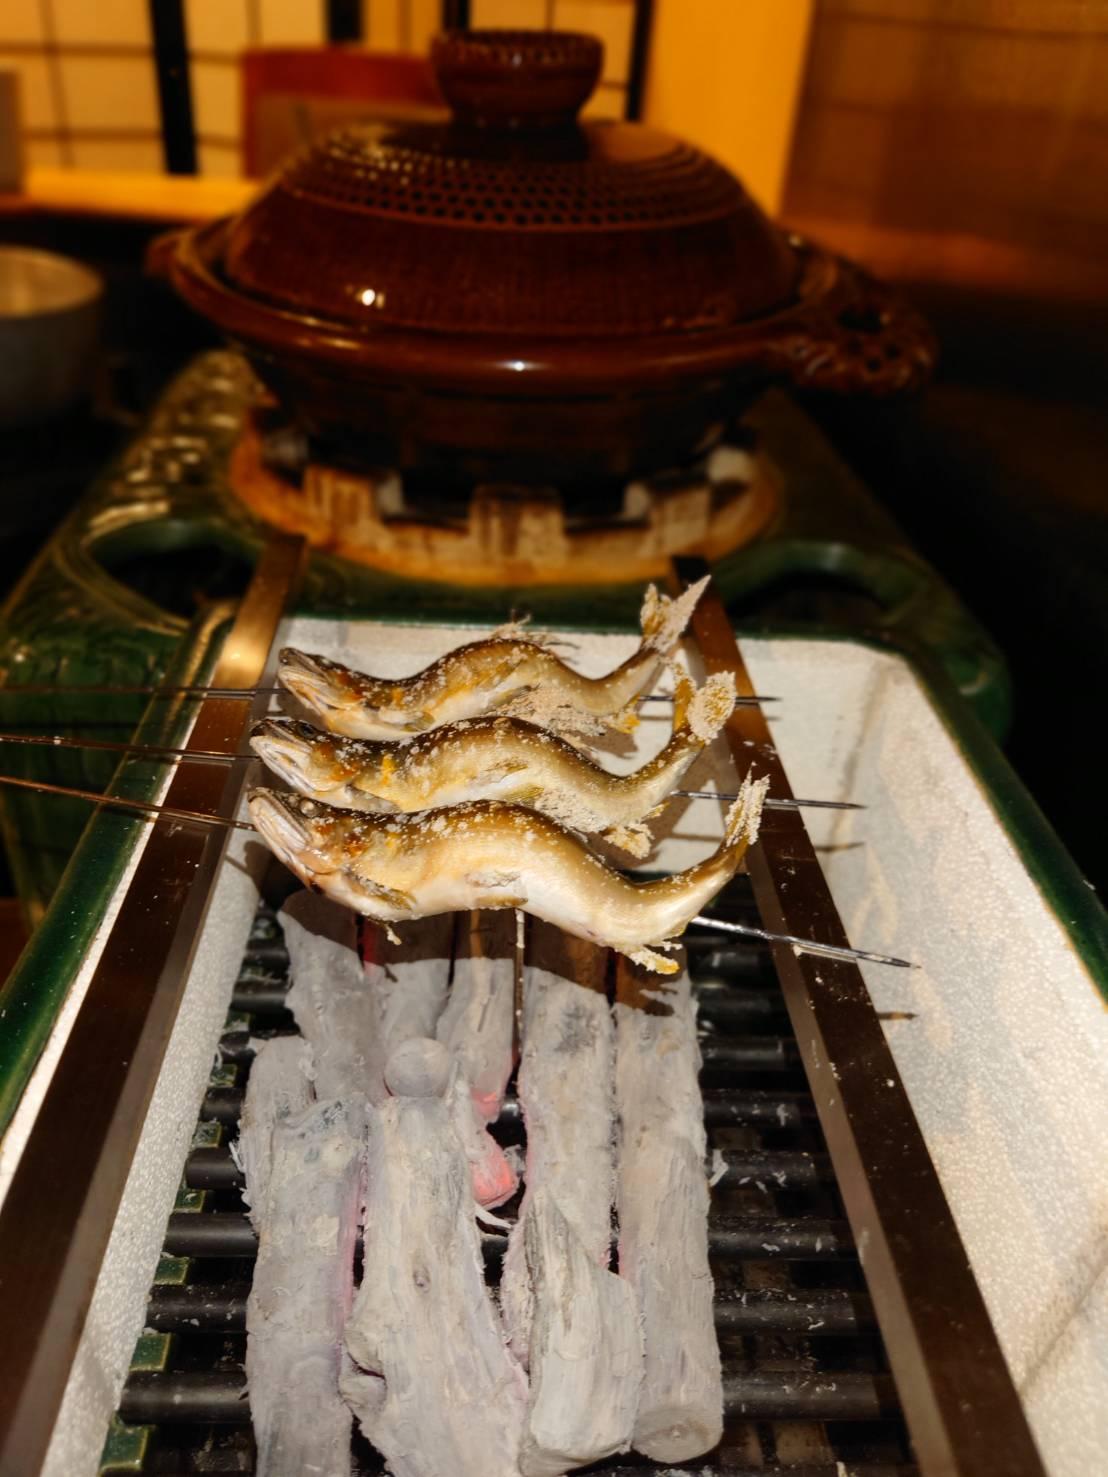 【日本料理みつわ】飛騨の暴れ鮎<p>ミネラルが豊富な飛騨の川で生き生きと育った鮎。 竿が曲がるほど元気に暴れるため、 「暴れ鮎」と名付けられました。 良質の水・土・苔が揃った環境の下、 たっぷりと栄養を吸収した鮎は、 身がしまり程よく脂がのり 味も香りも絶 […]</p>